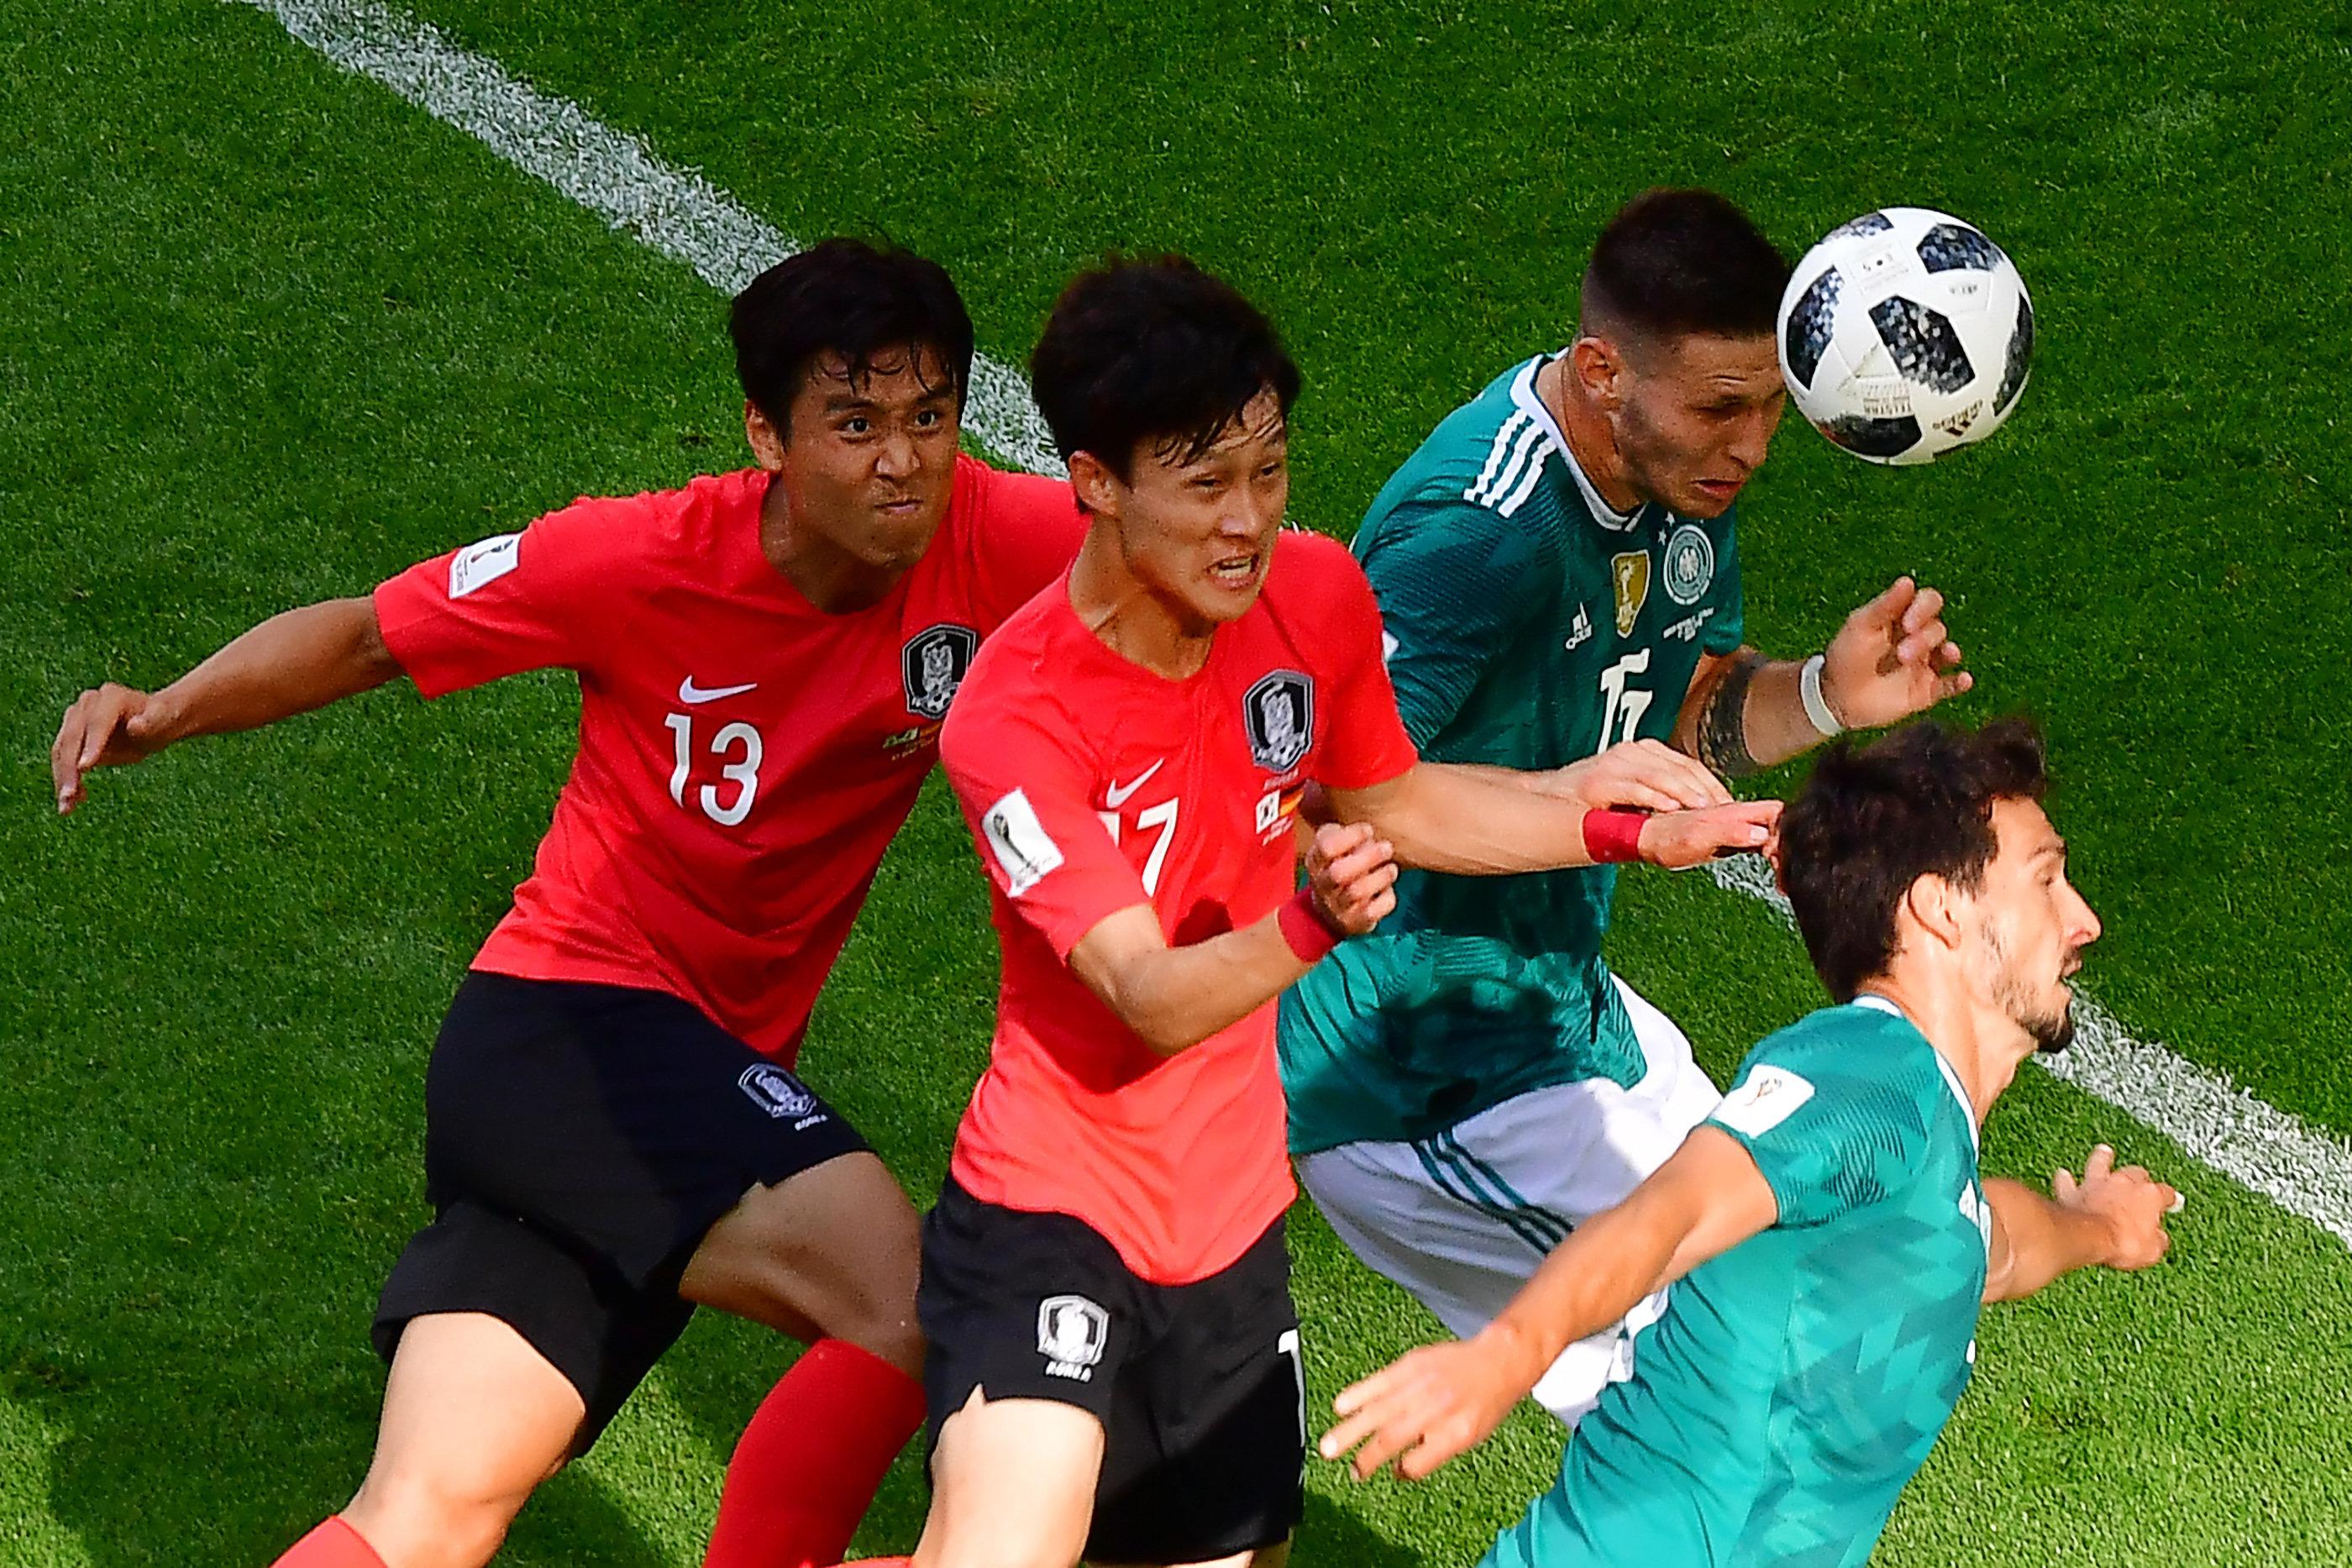 [화보] 한국-독일 전반전은 0-0으로 끝났다. 결정적 찬스가